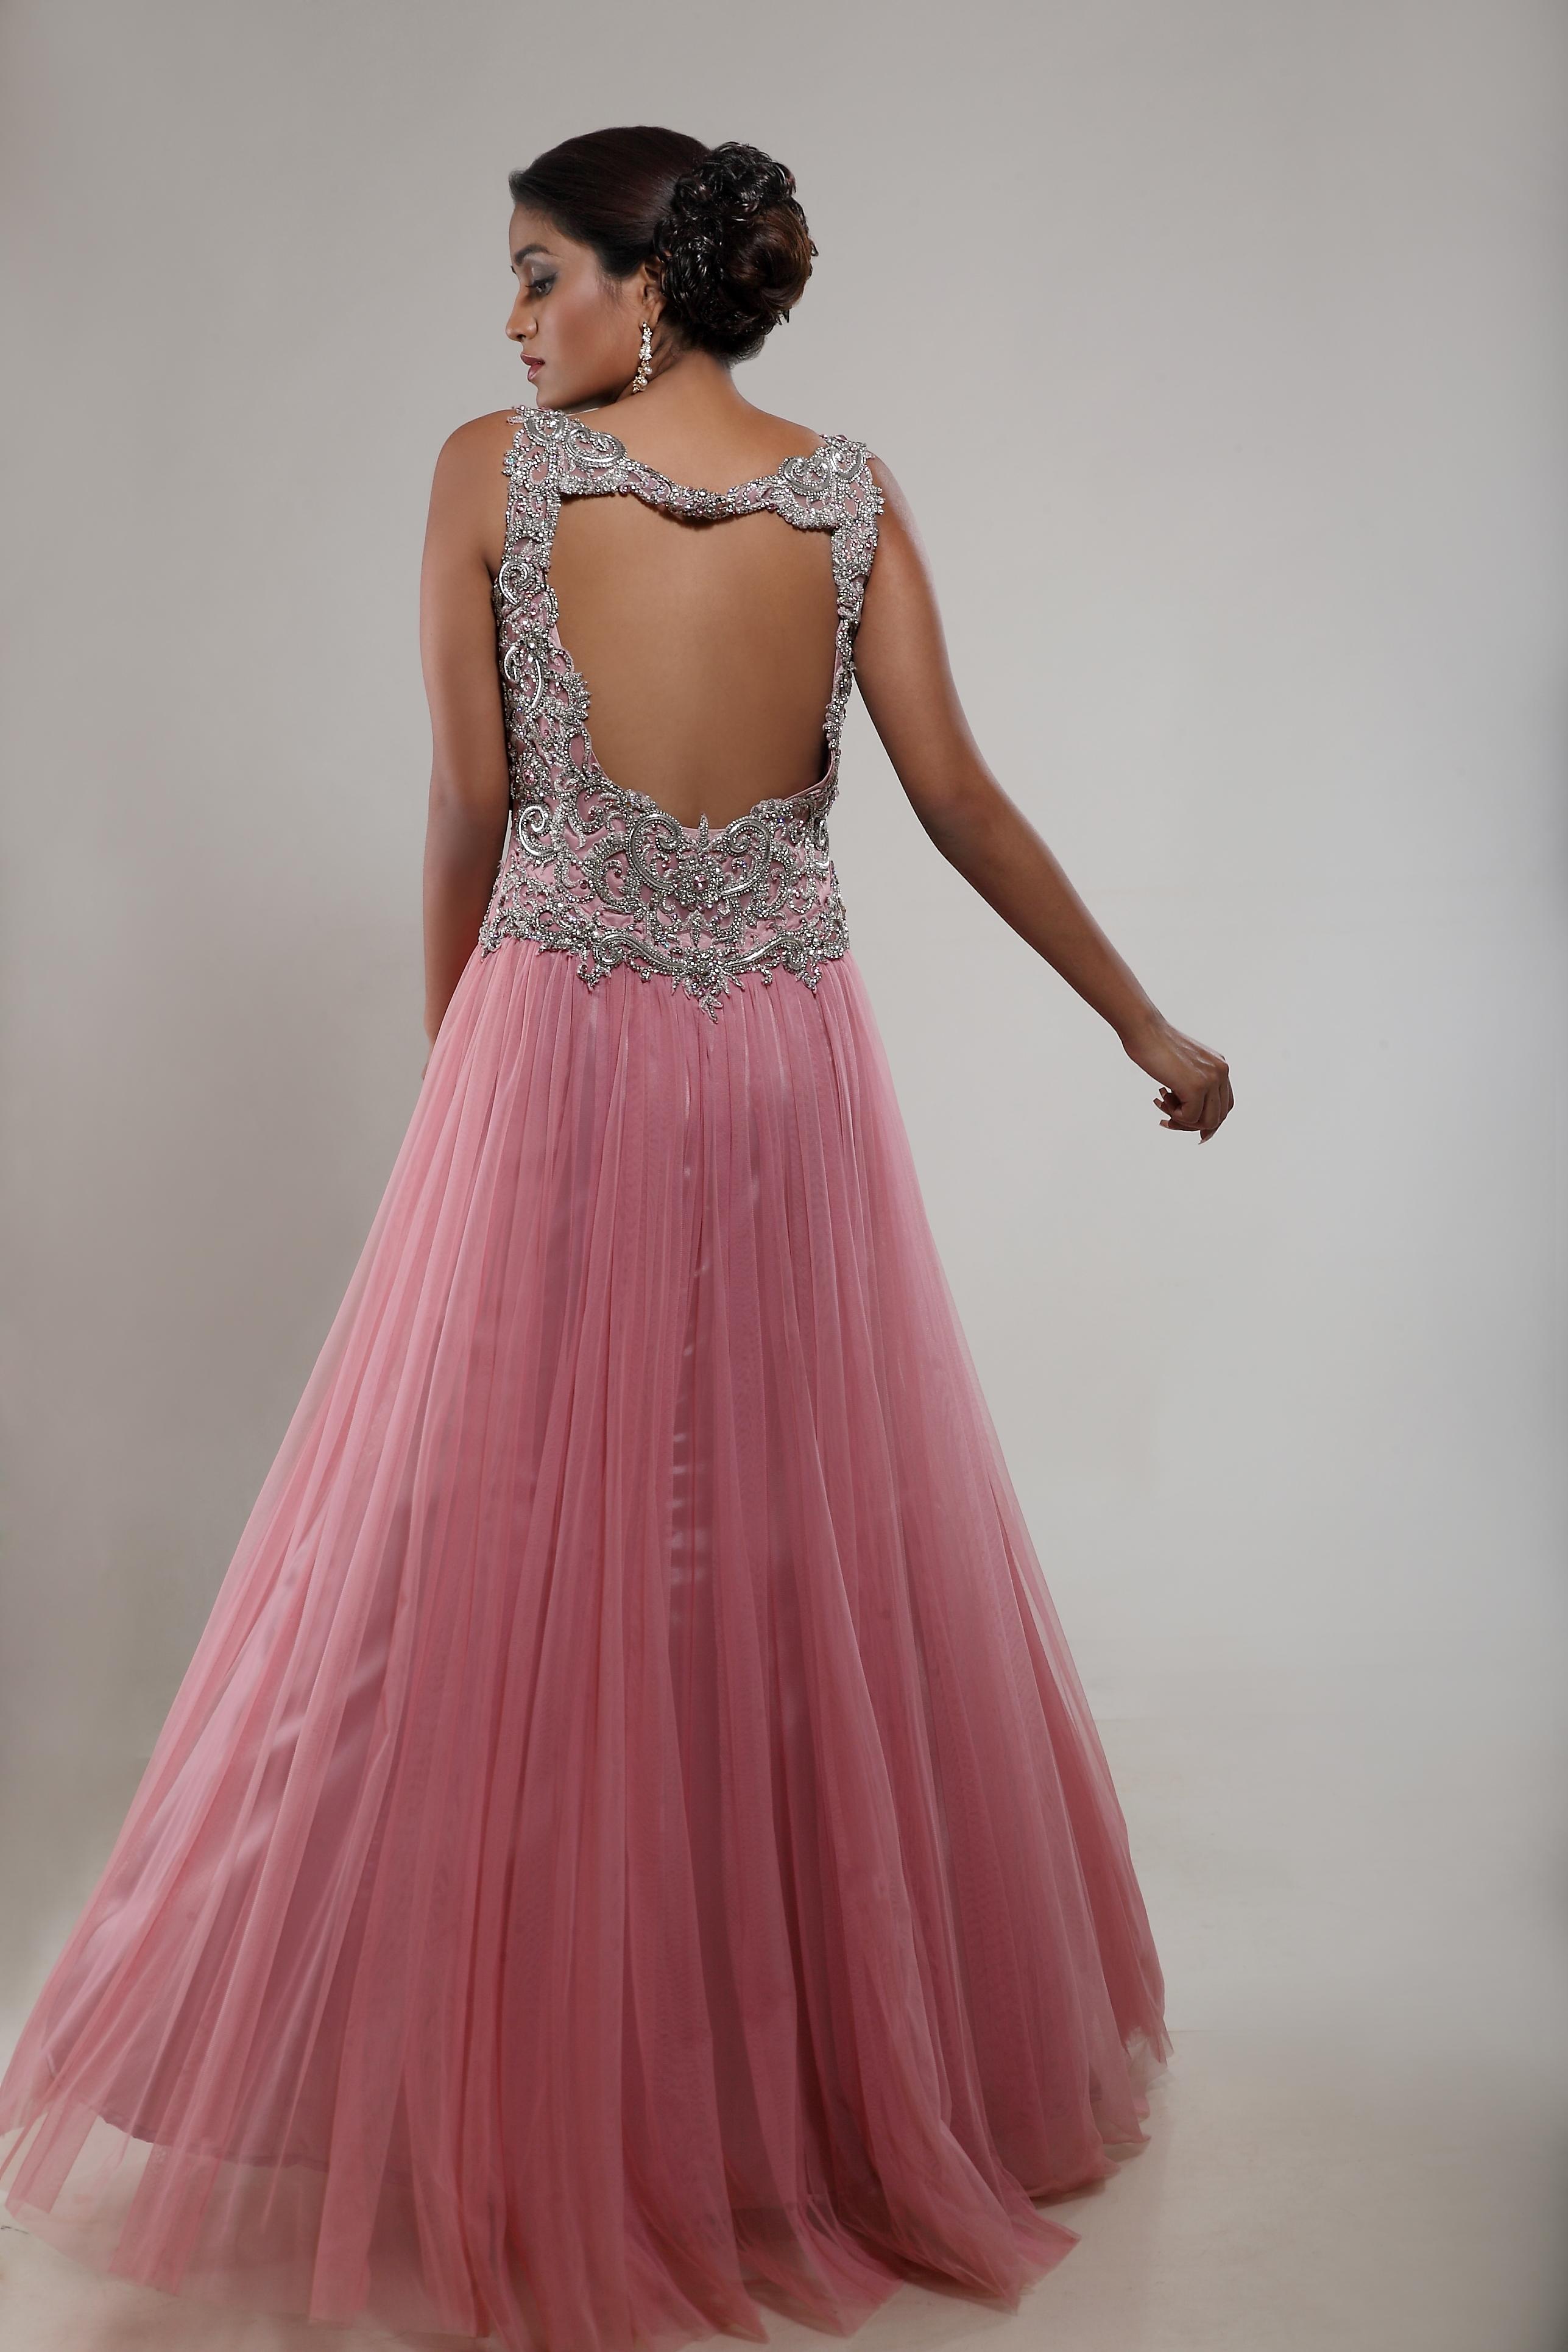 Designer_wedding_dress_back